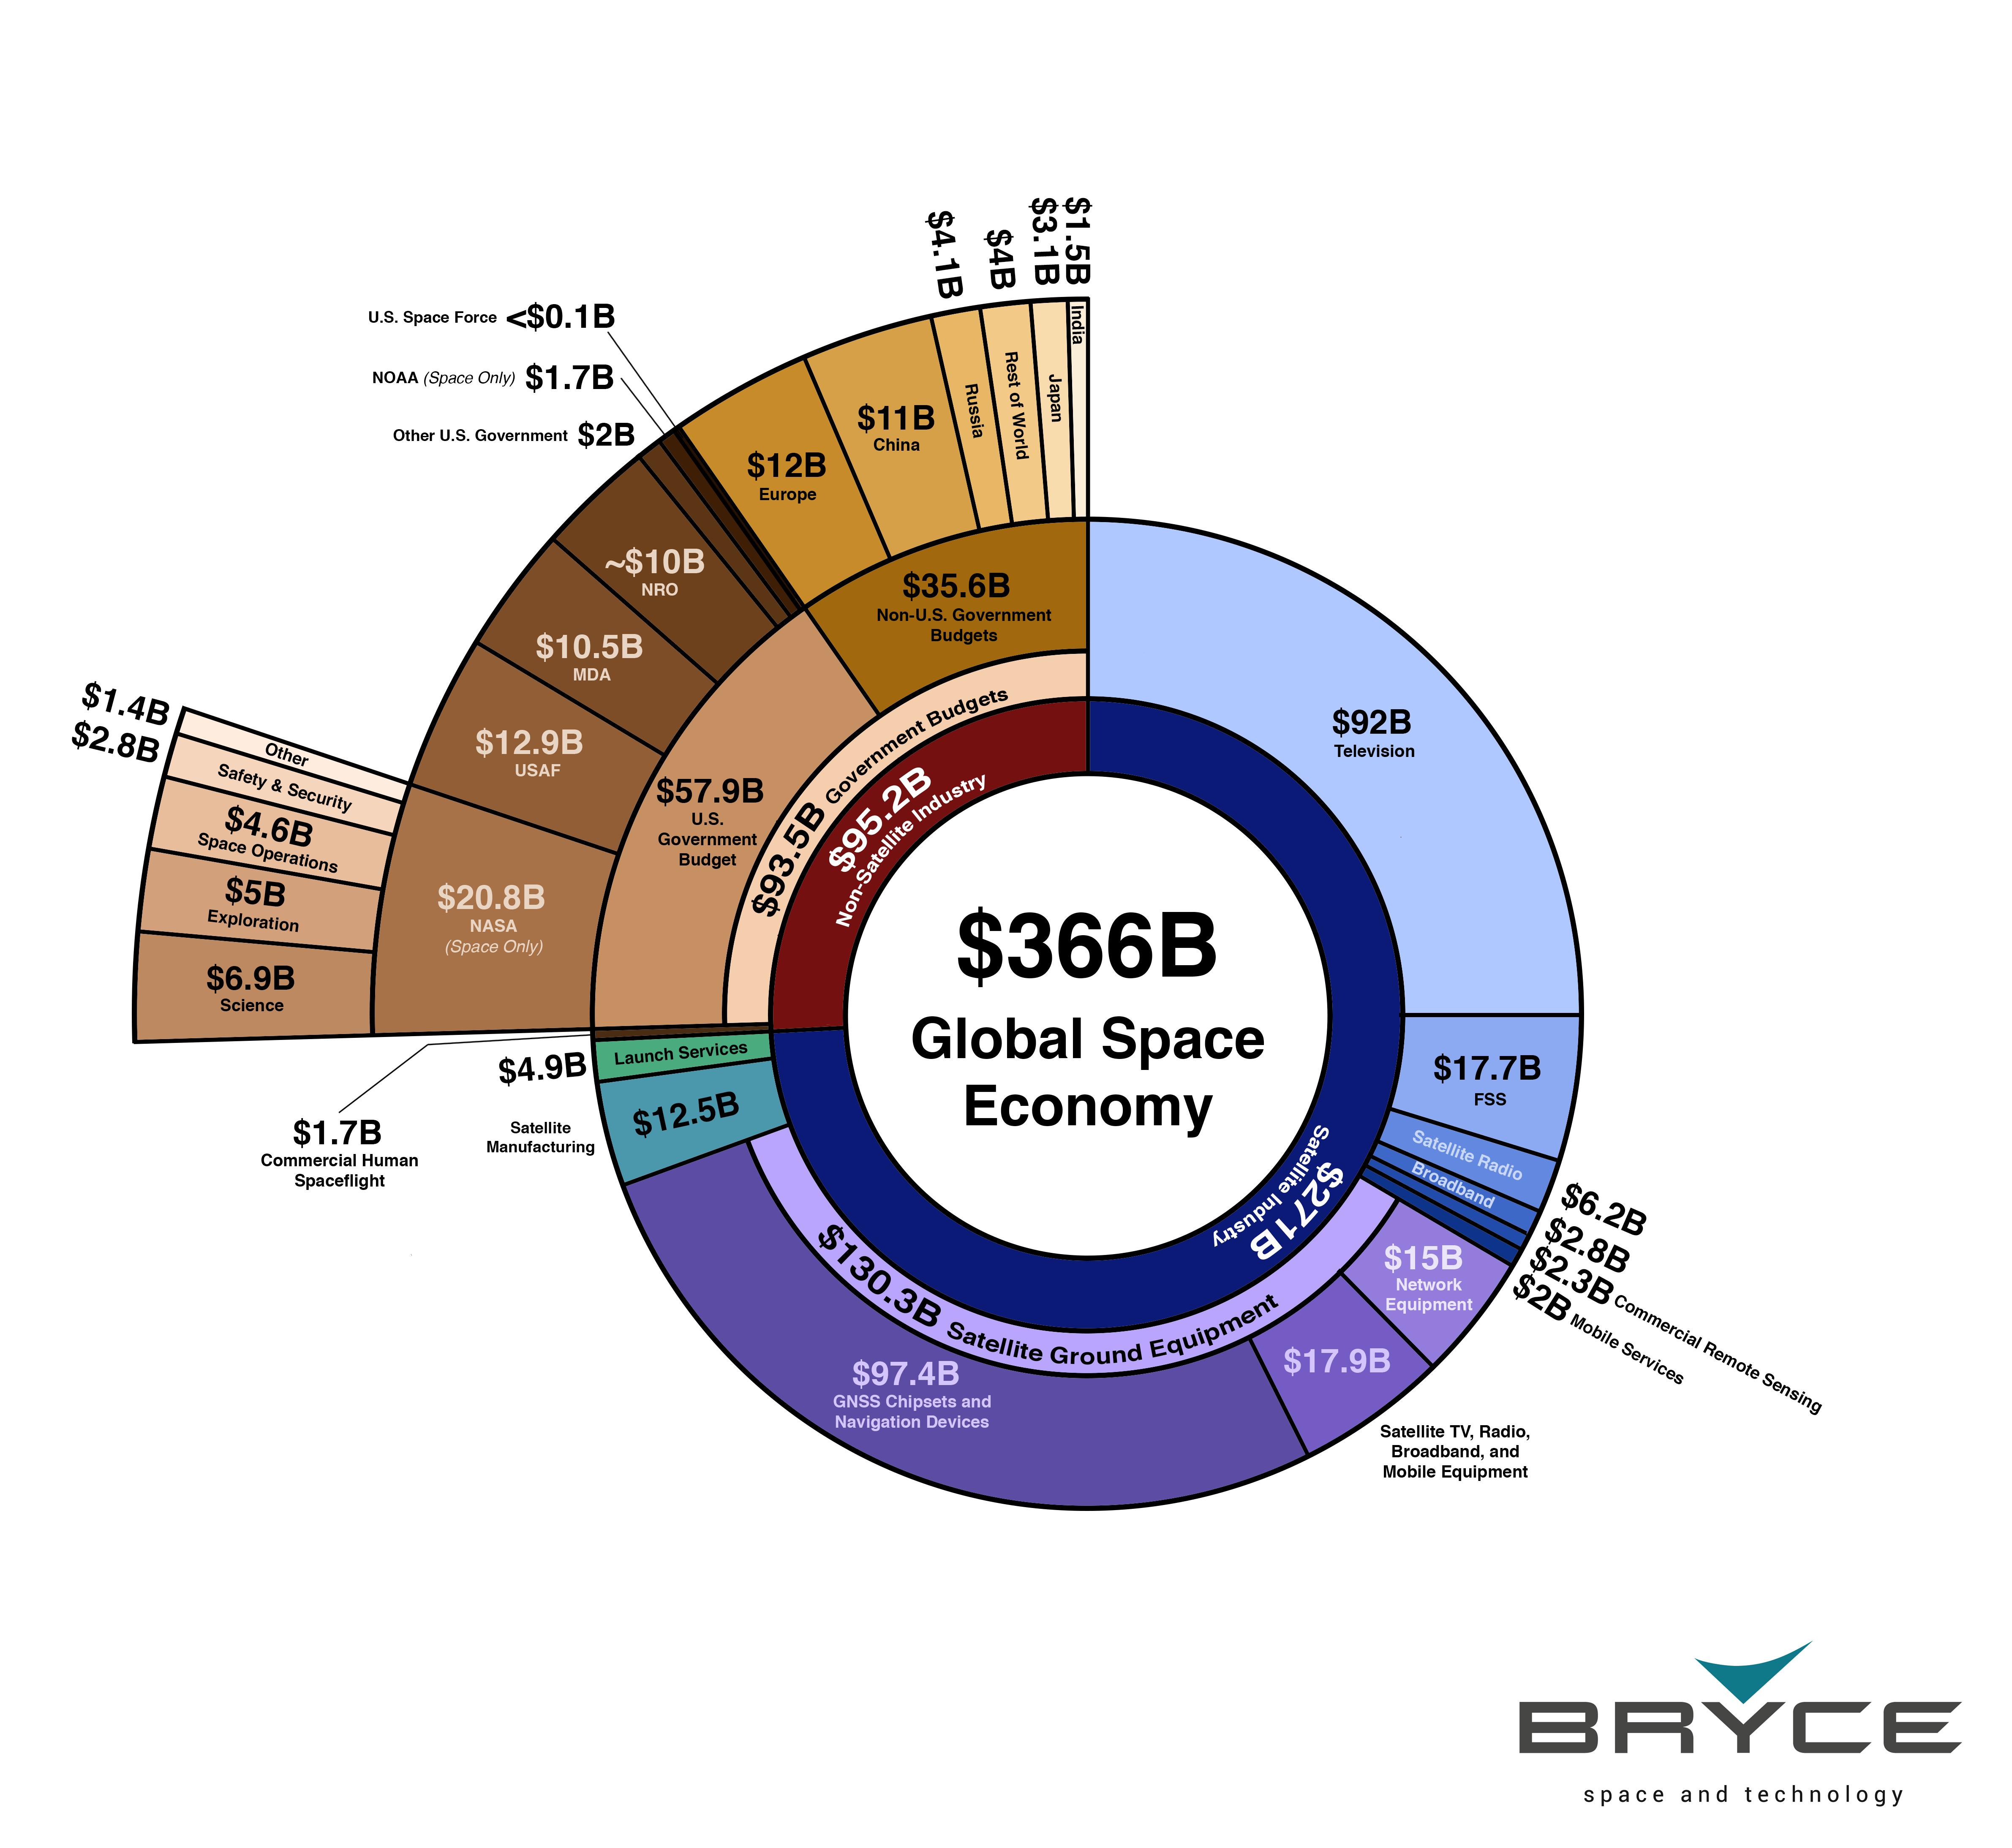 L'économie spatiale mondiale - Bryce